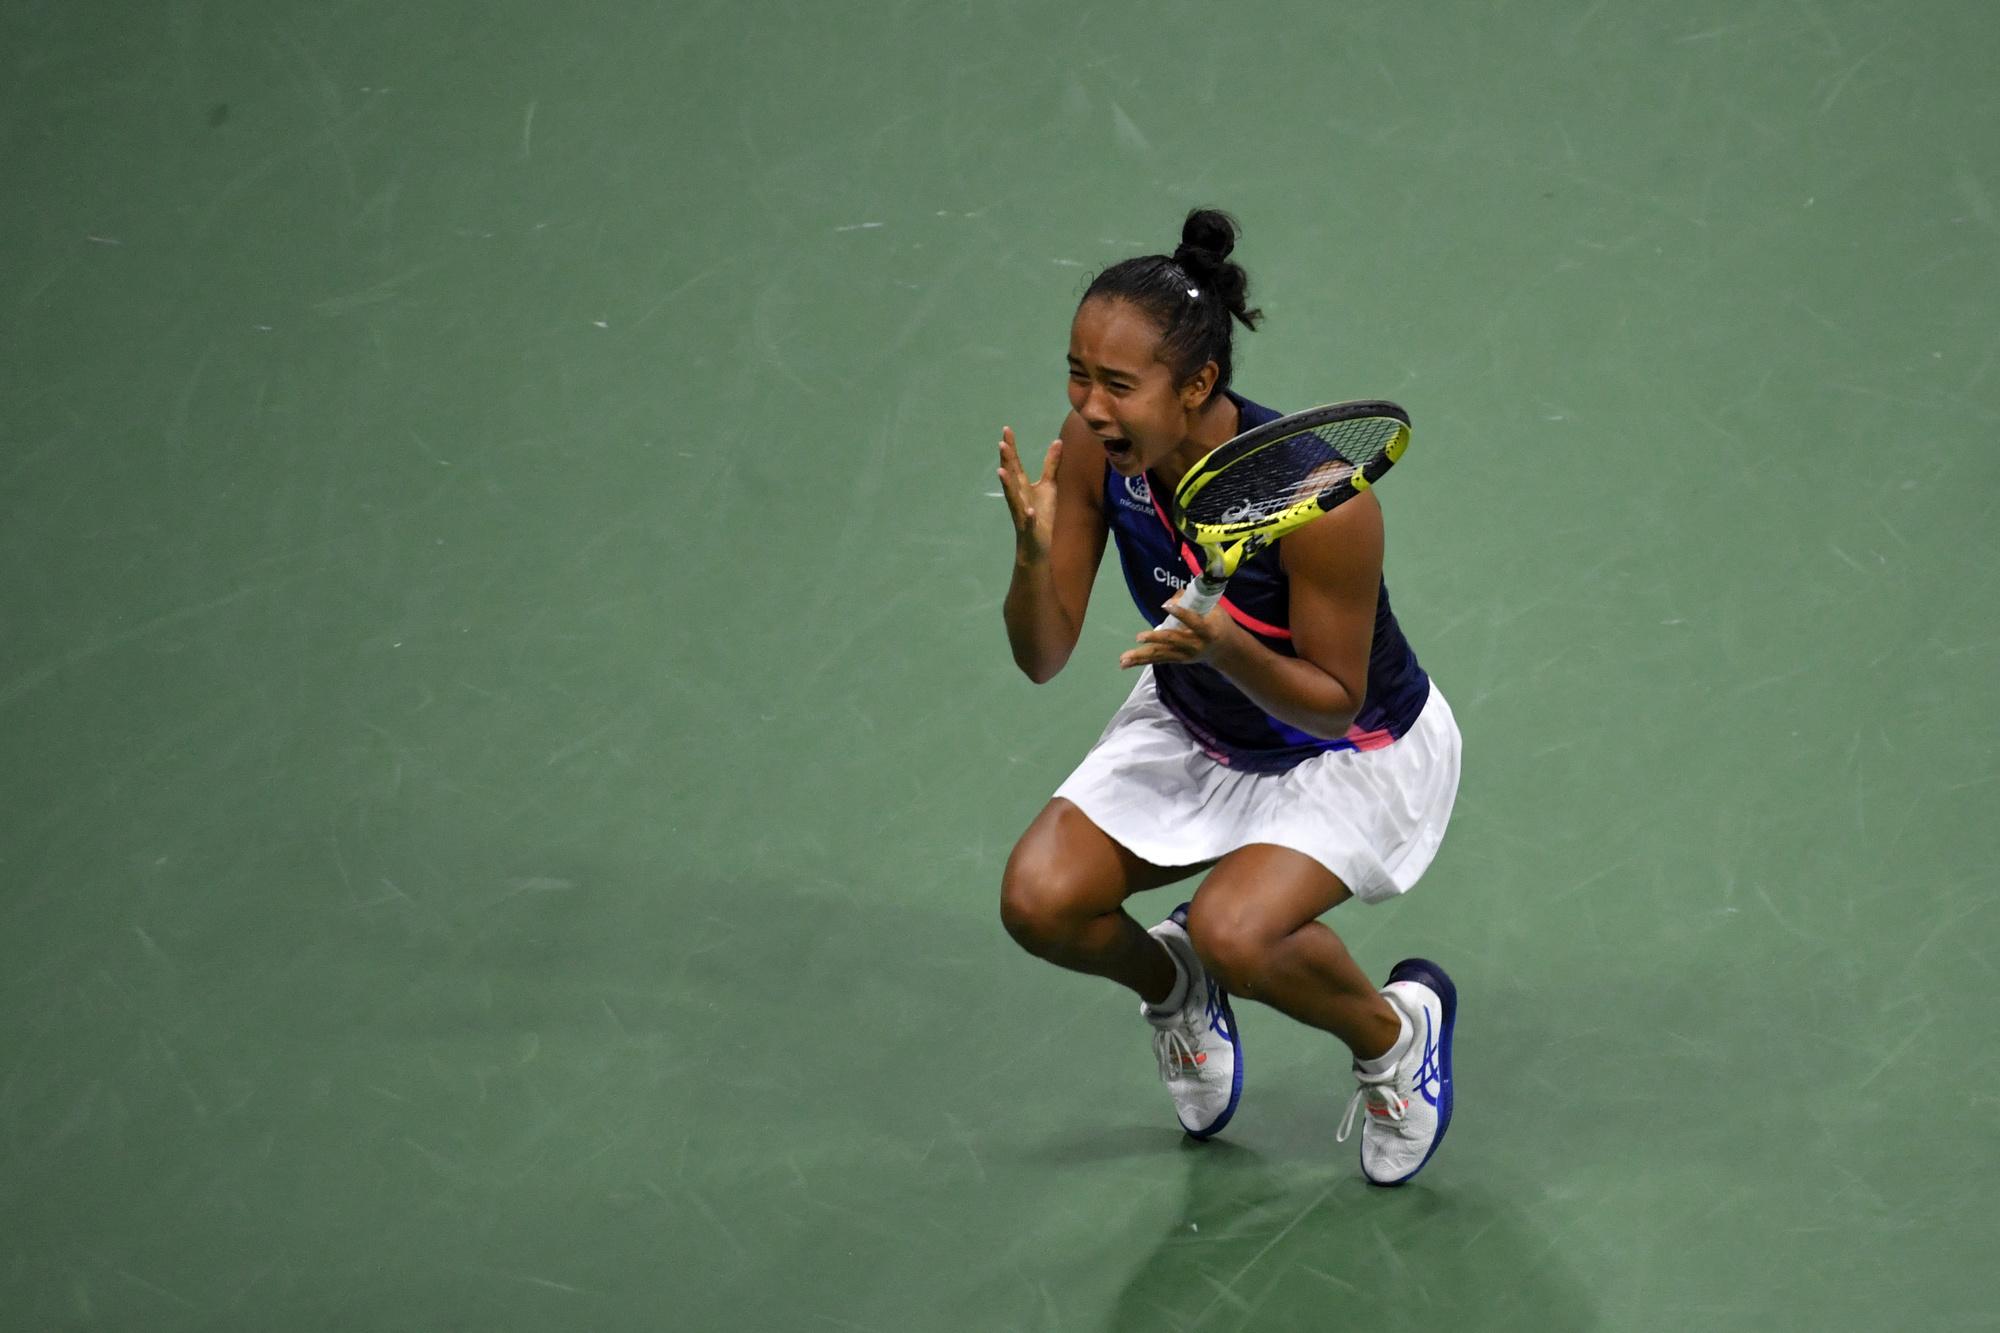 Leylah Fernandez s'offre une finale et une troisième joueuse du top 10 mondial dans cet US Open., belga